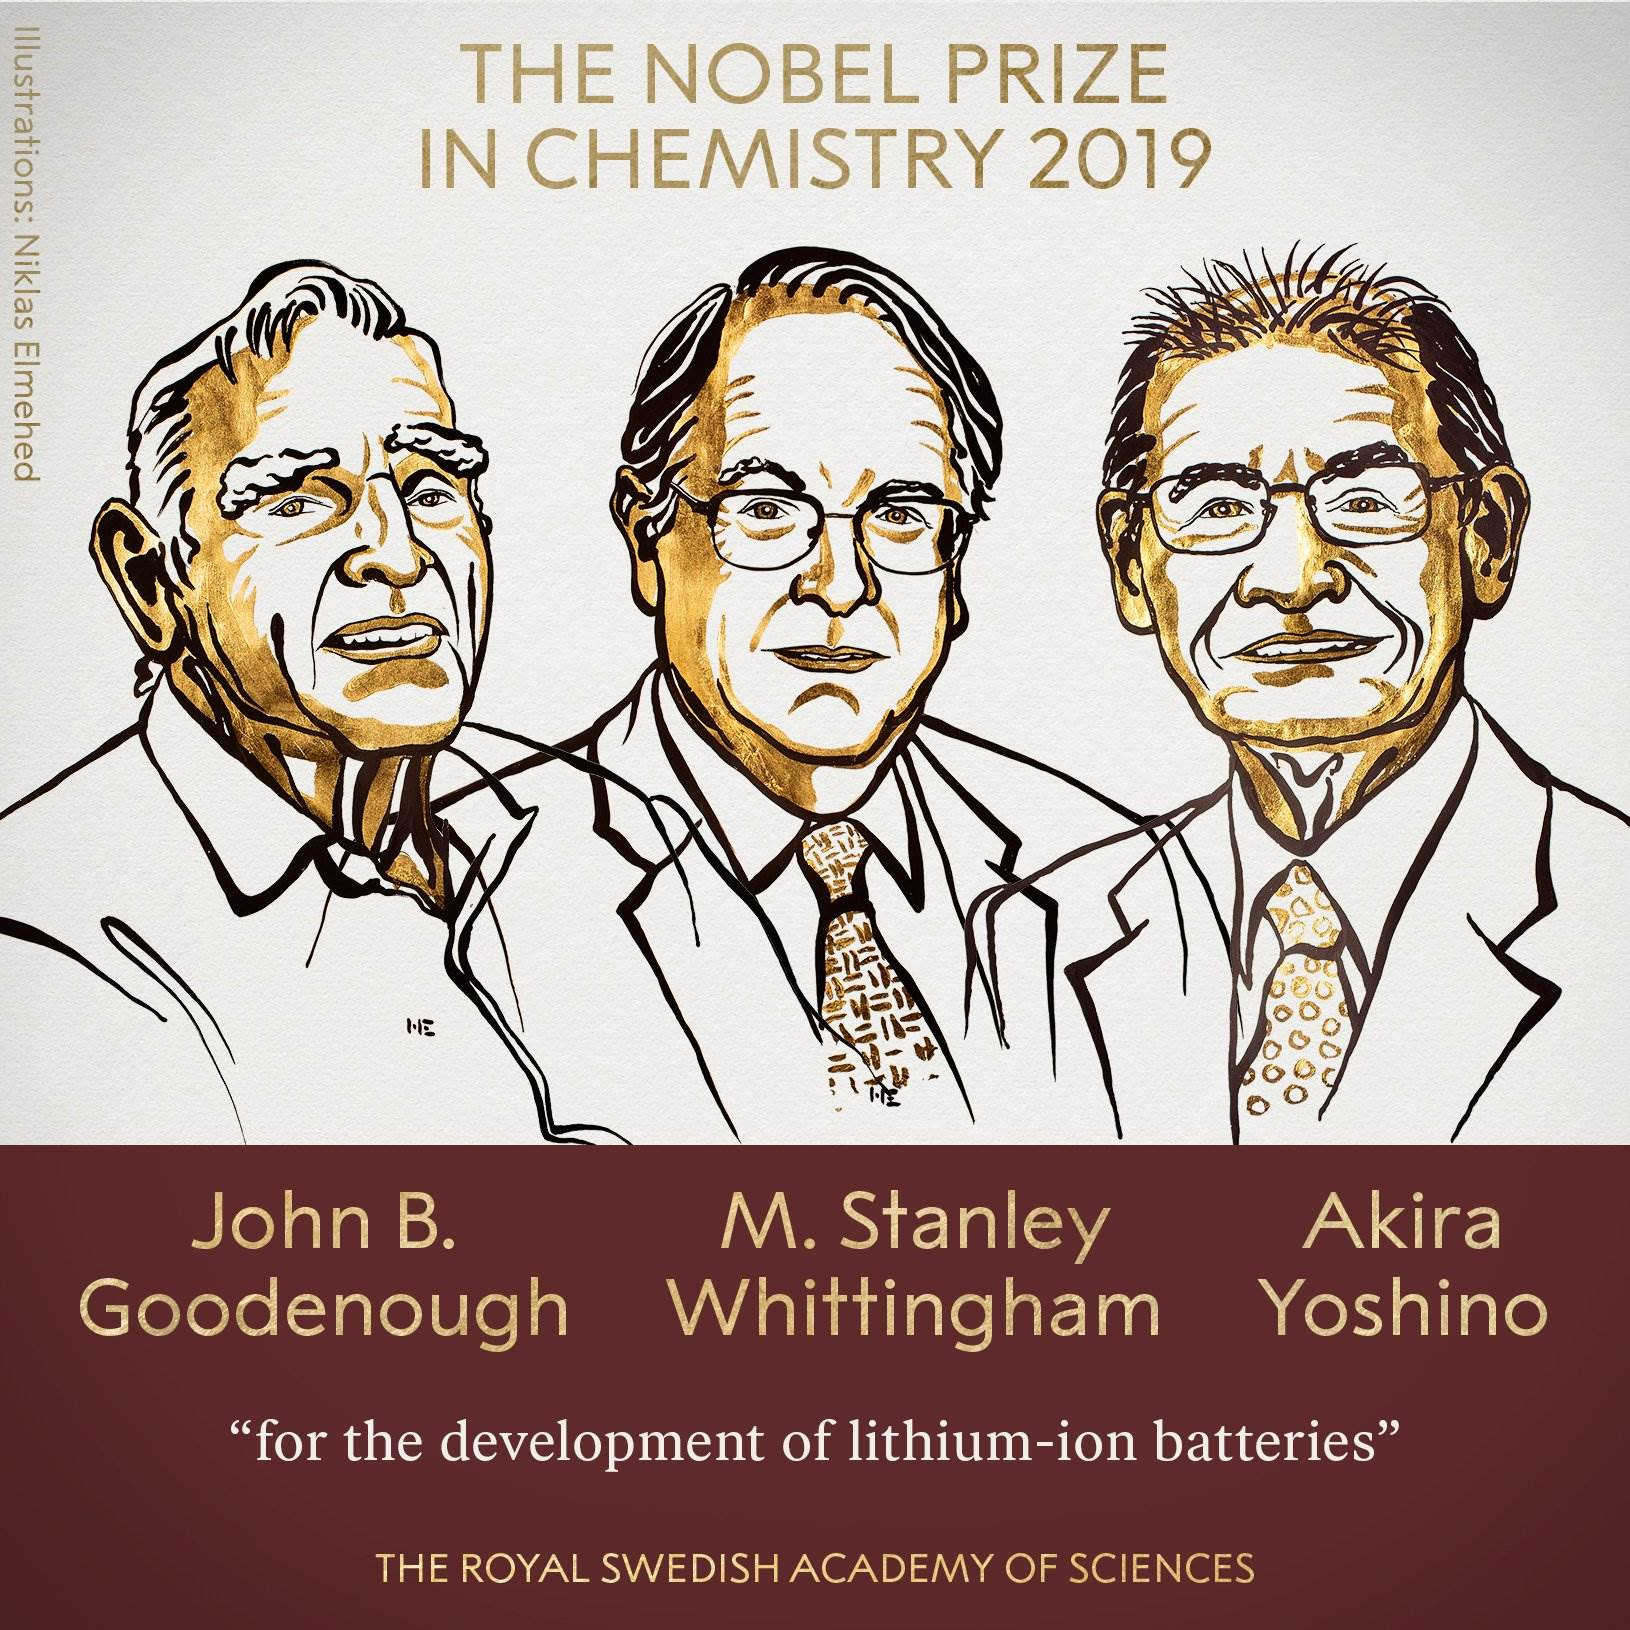 2019年诺贝尔化学奖揭晓!授予三名科学家 表彰在锂离子电池方面的贡献